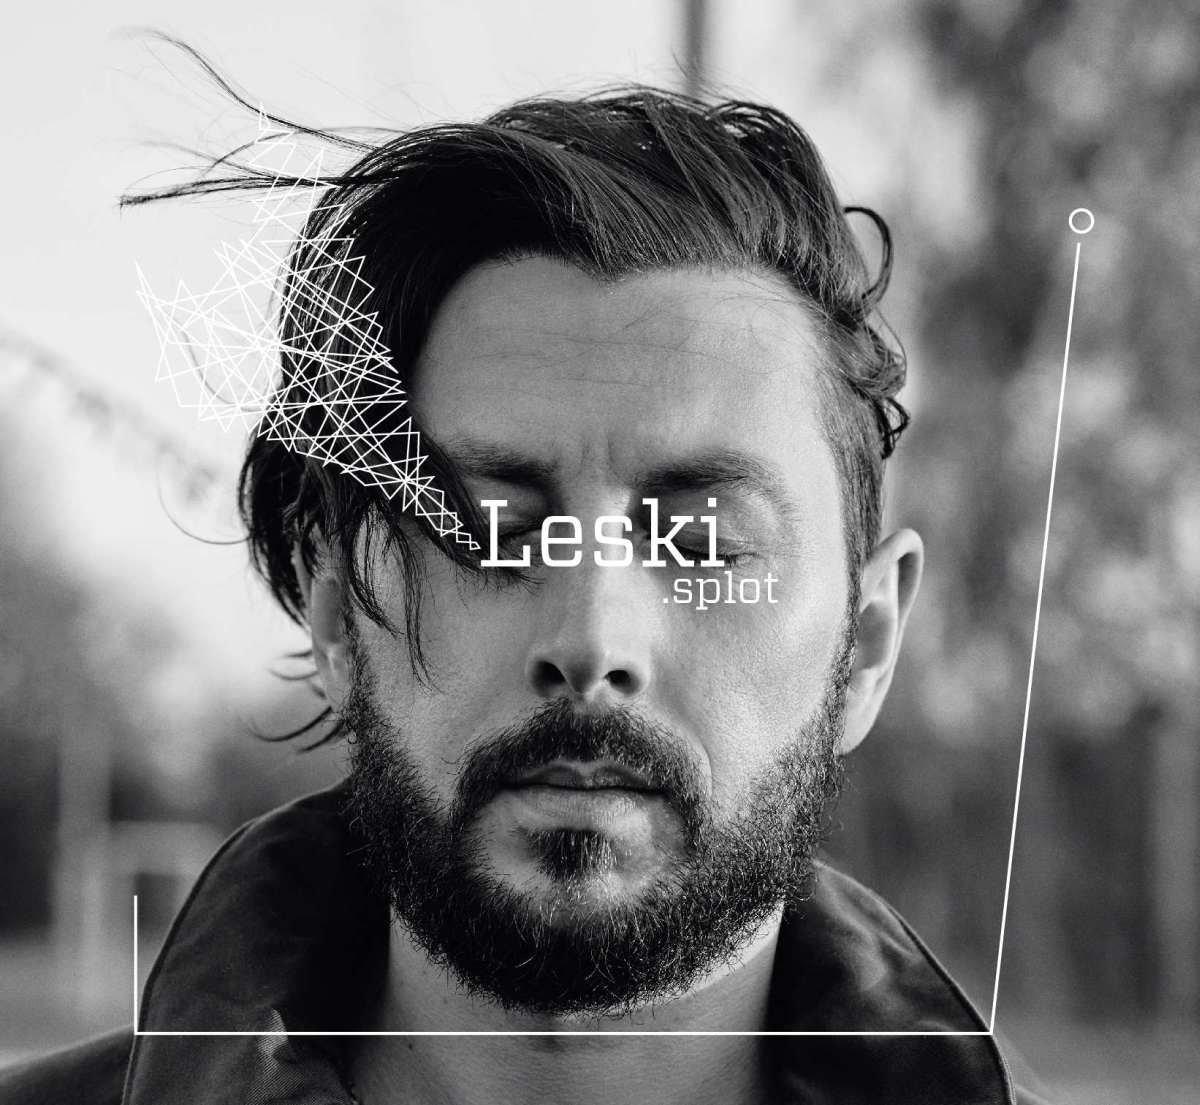 3 utwory - 1. Leski -